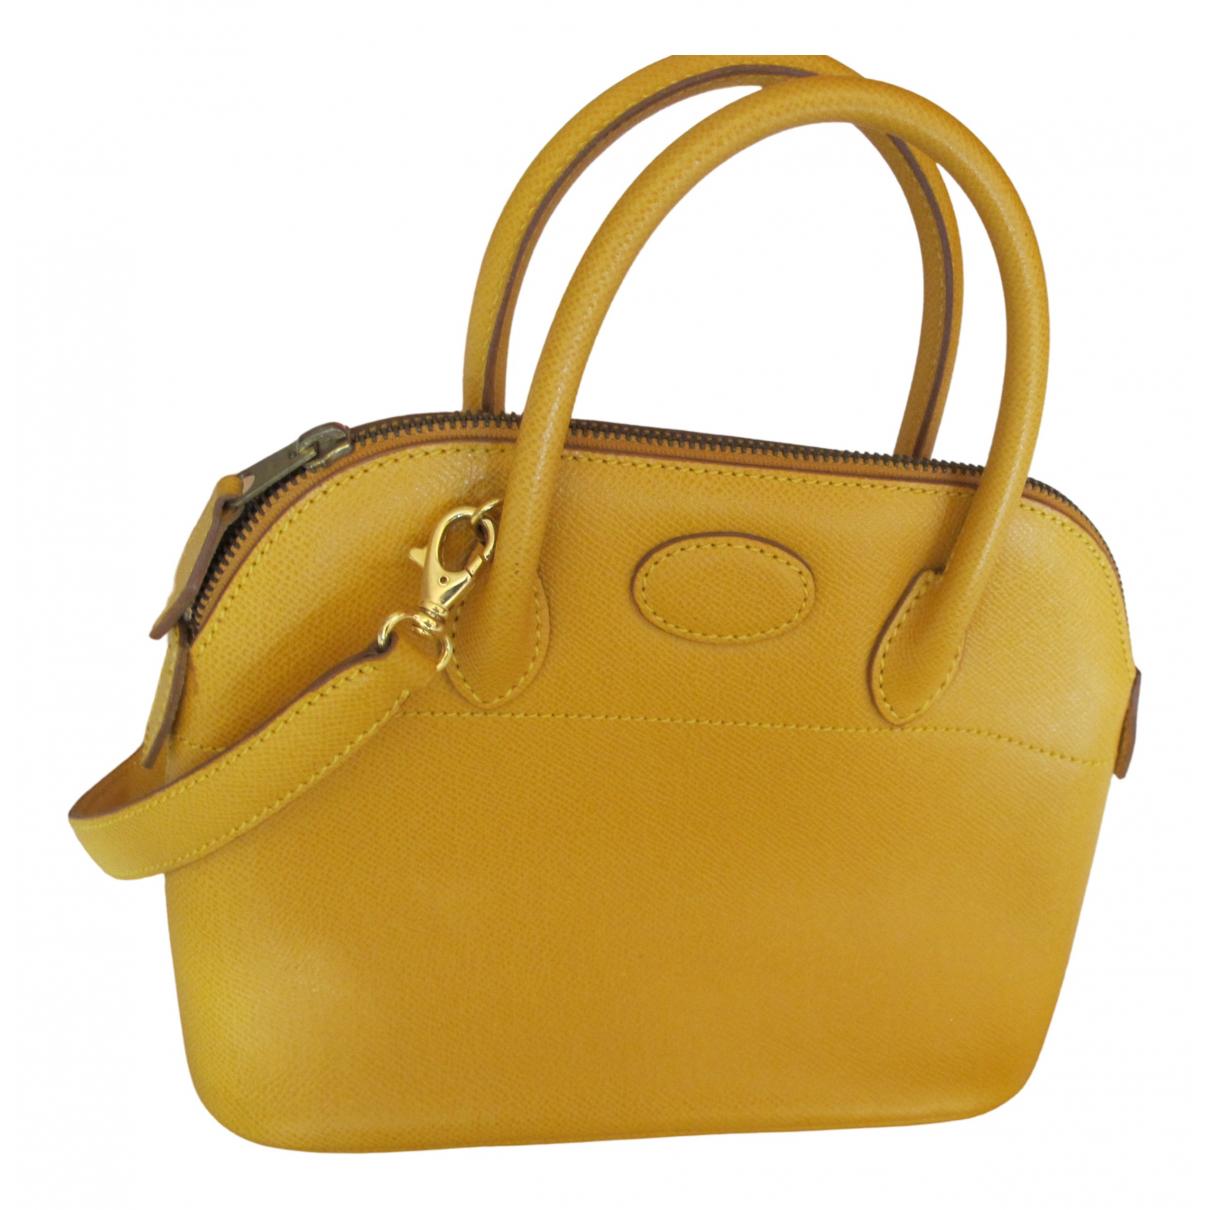 Unutzer - Sac a main   pour femme en cuir - jaune